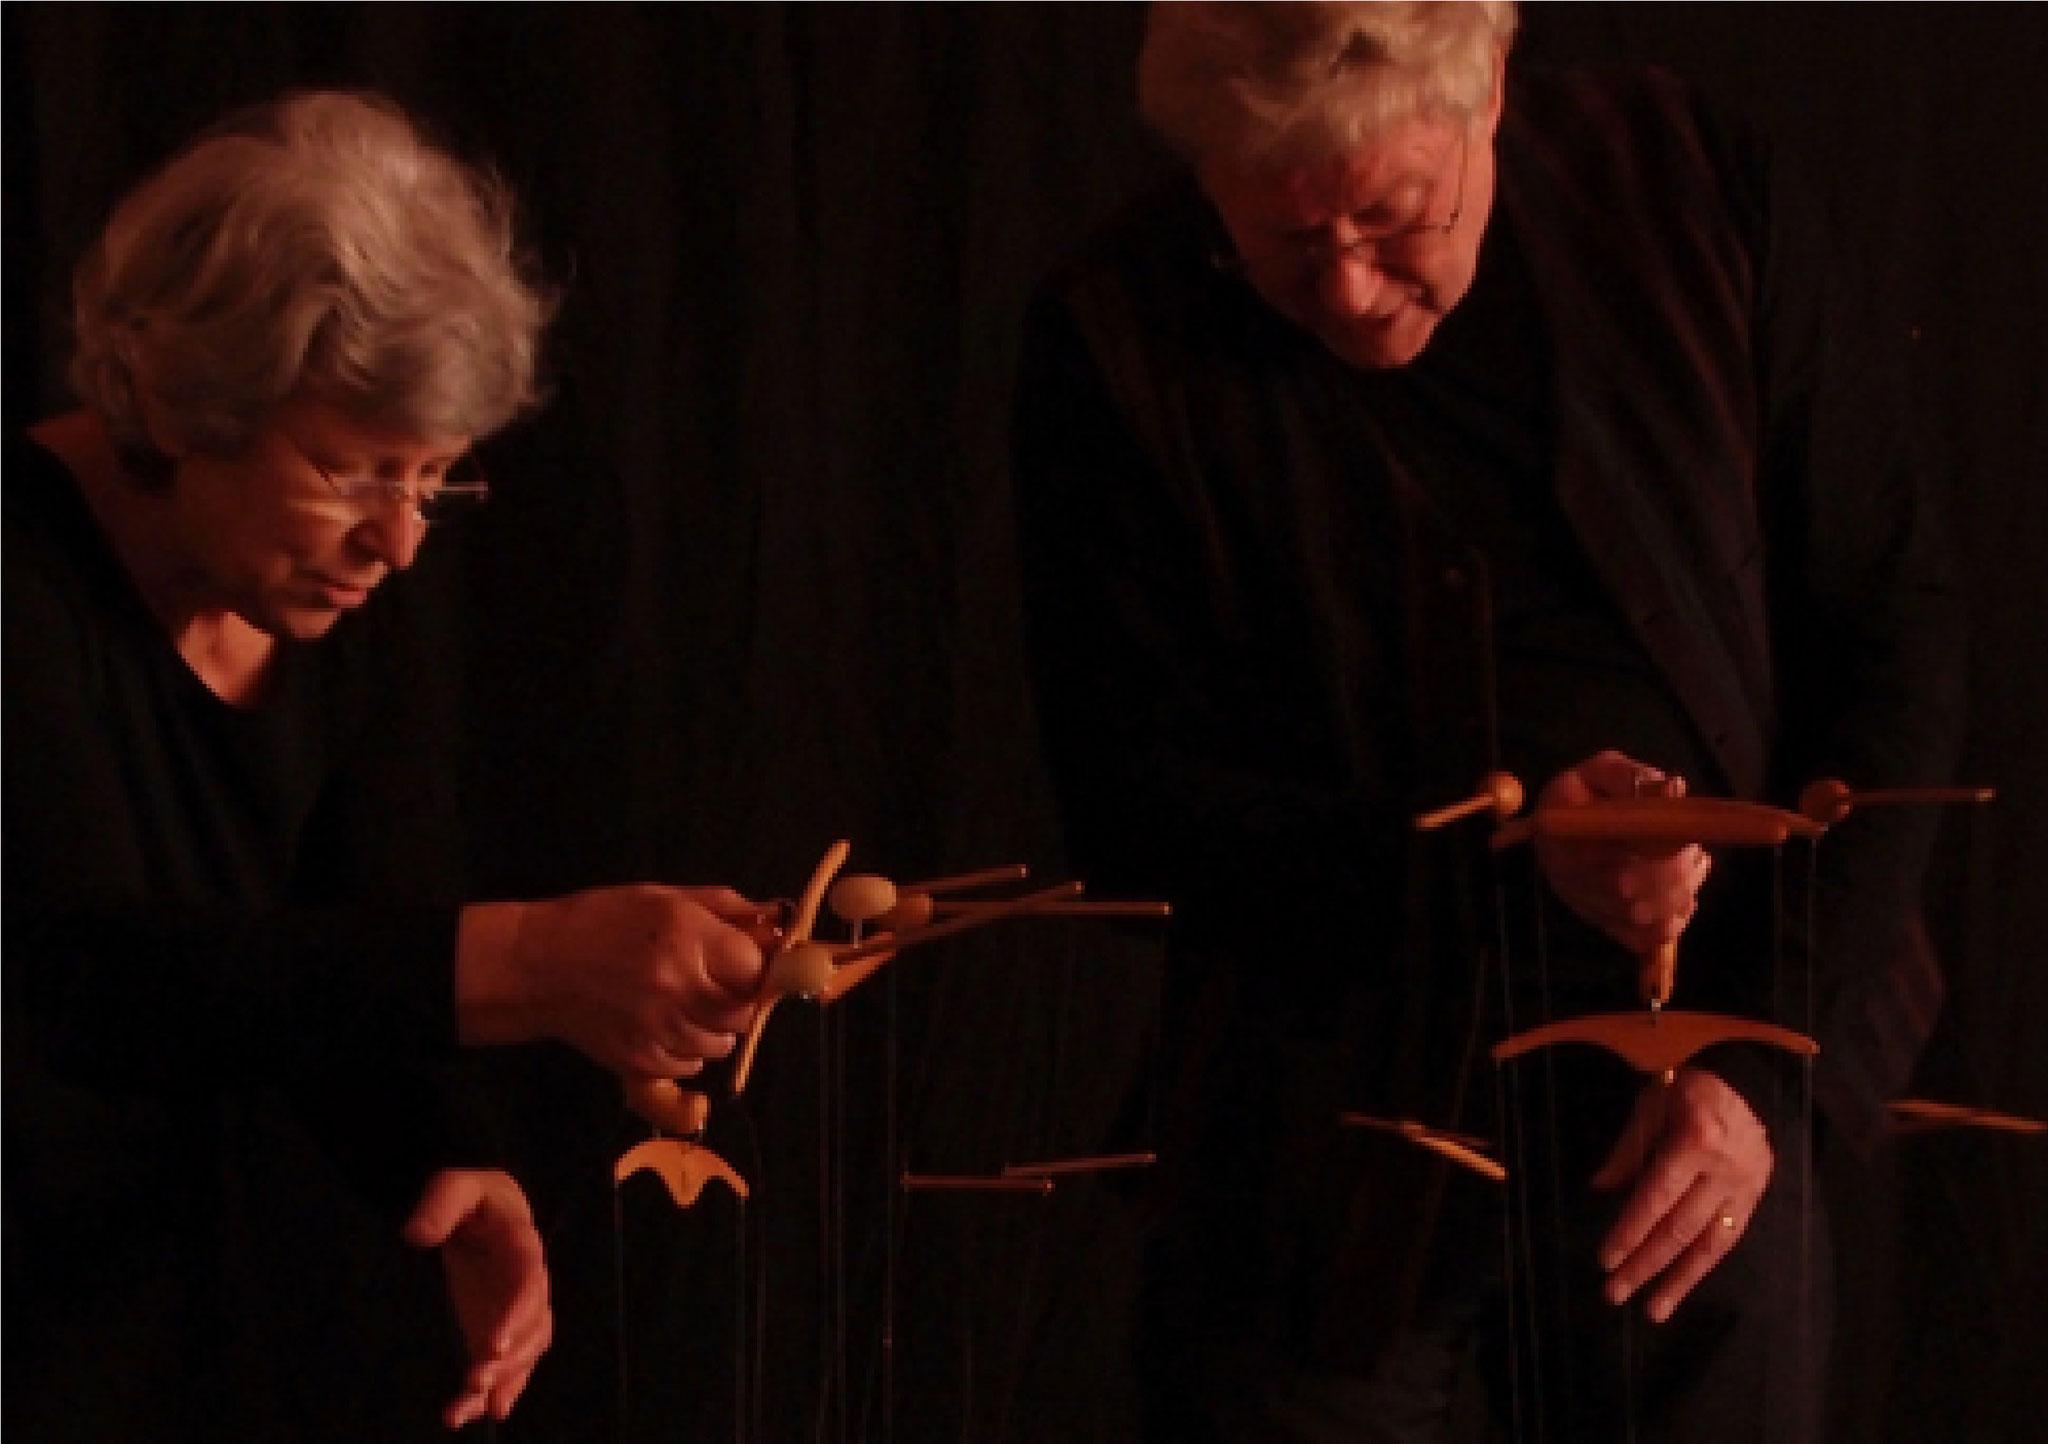 Kommunikation zwischen den Marionetten bedingt Komunikation zwischen den Spielenden.